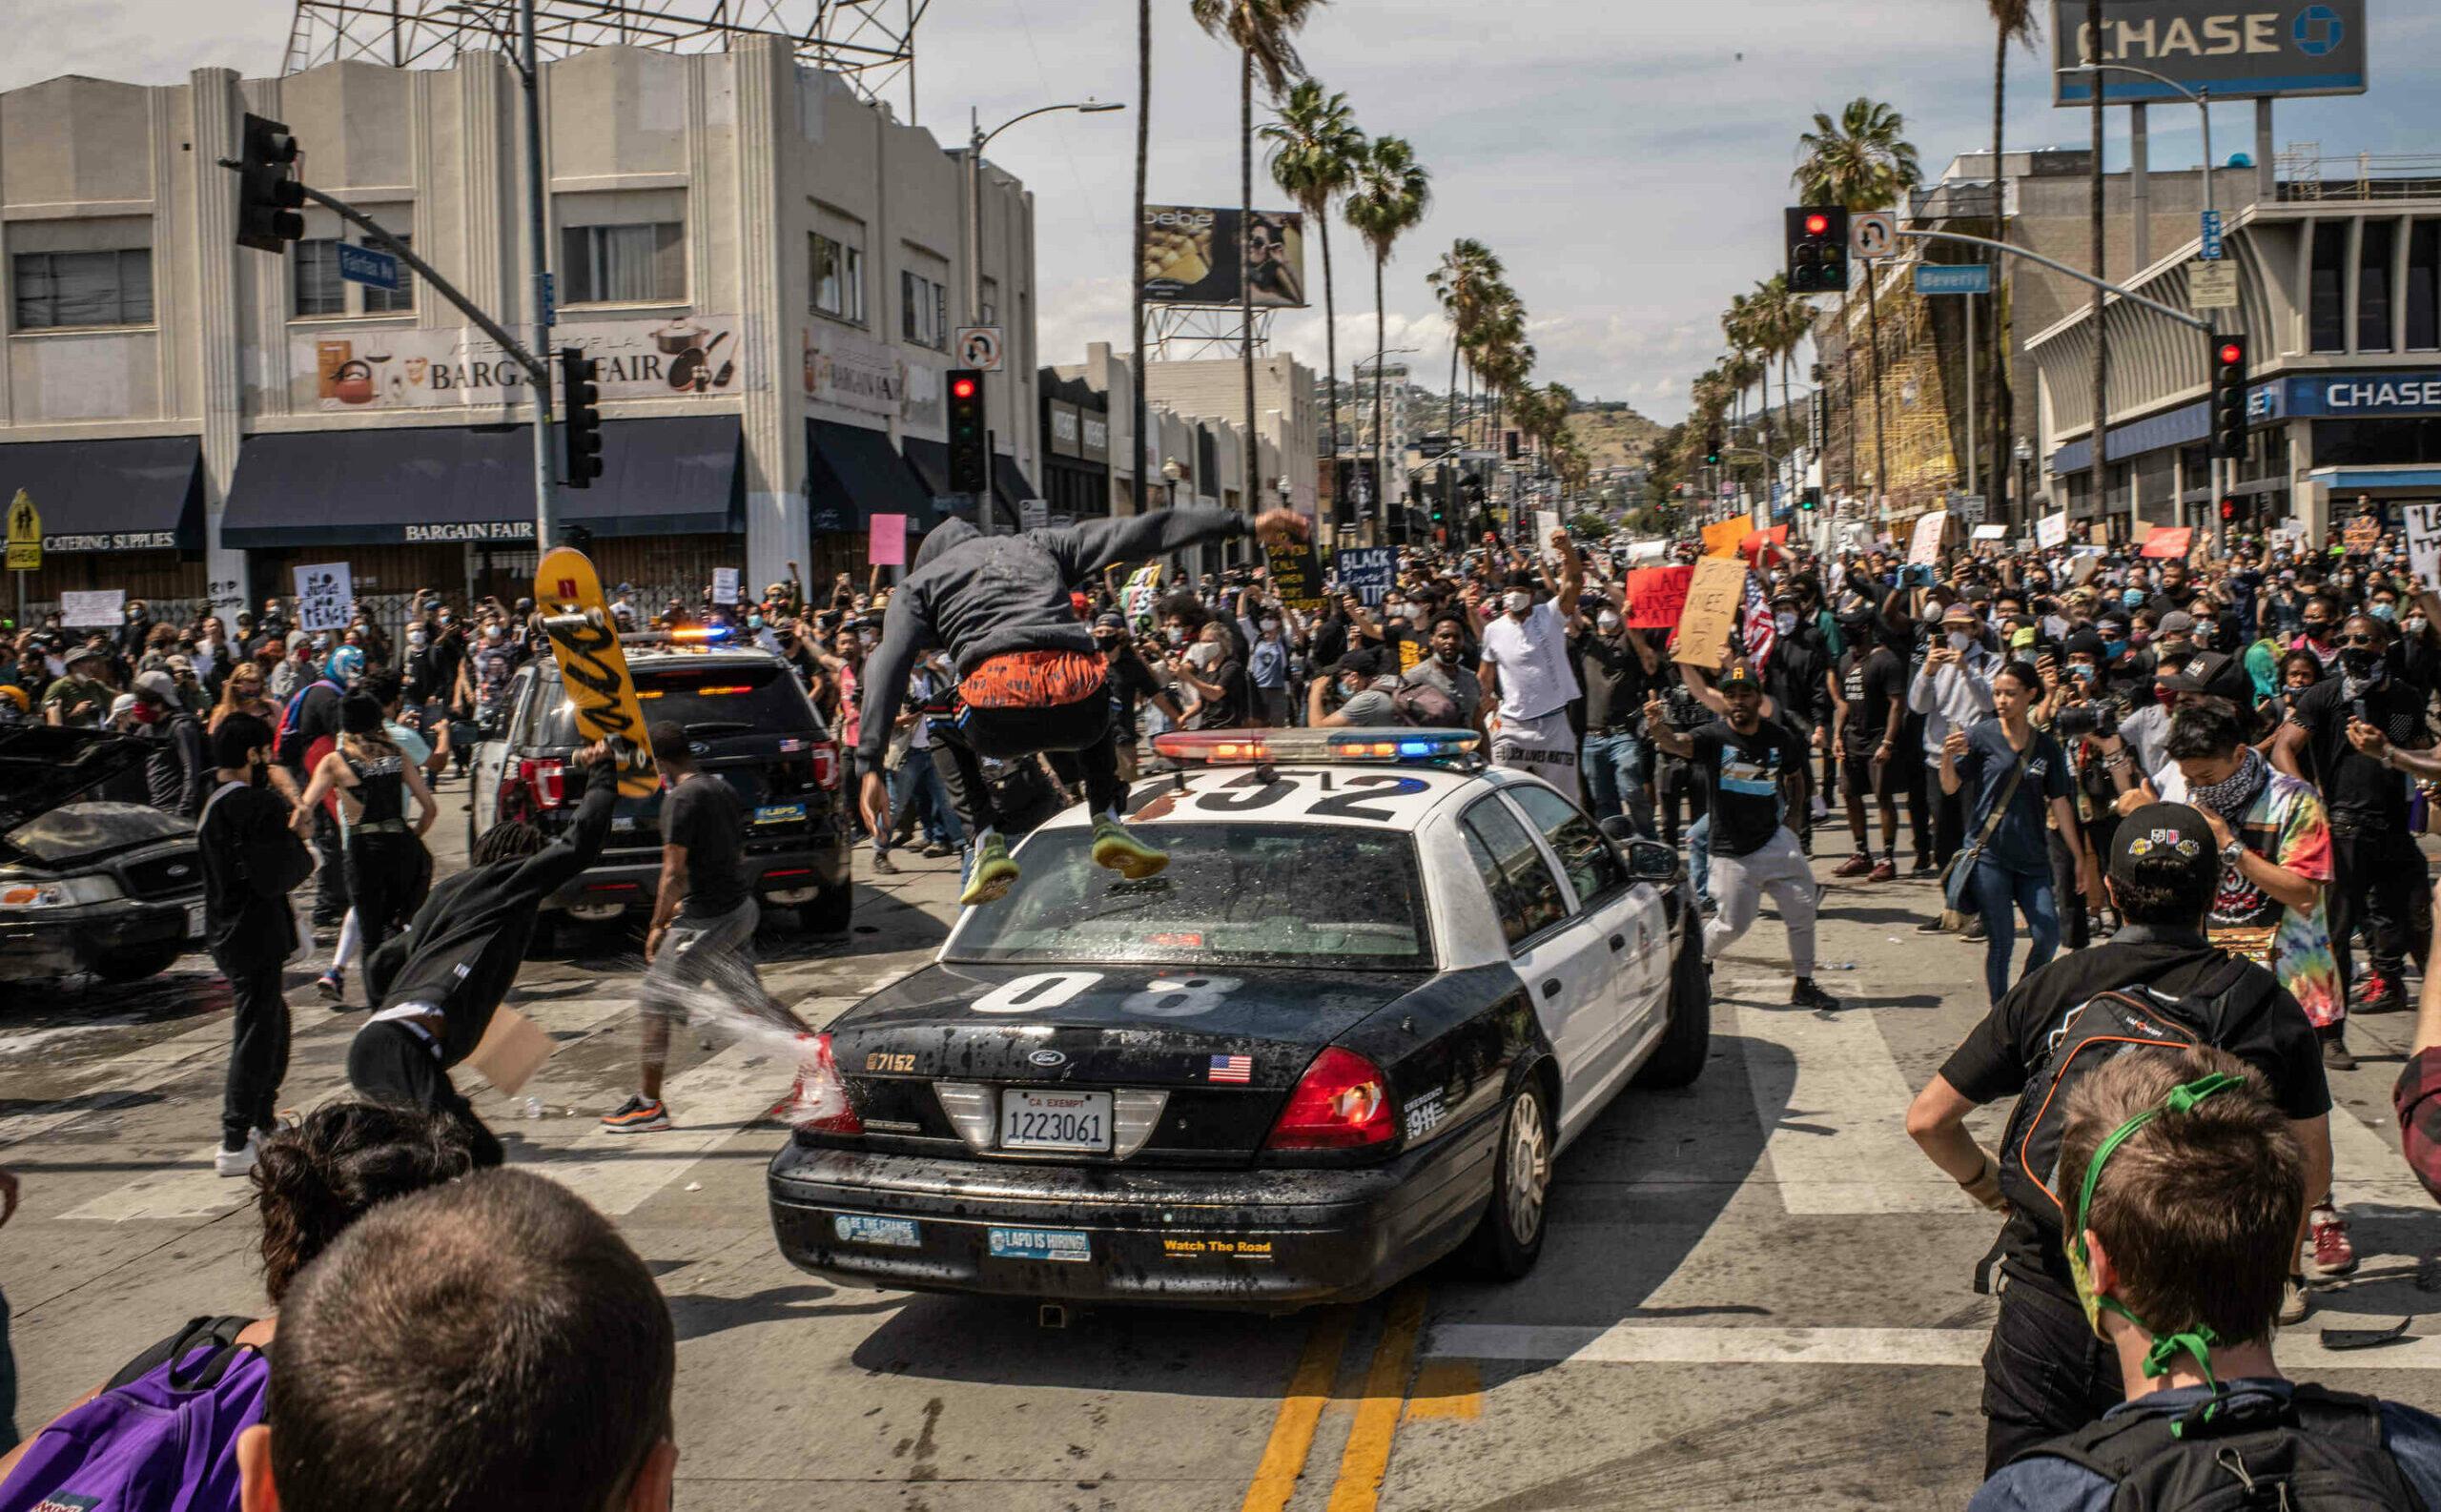 « Nous sommes témoins de l'une des plus grandes rébellions de l'histoire des États-Unis » : entretien avec Viewpoint Magazine